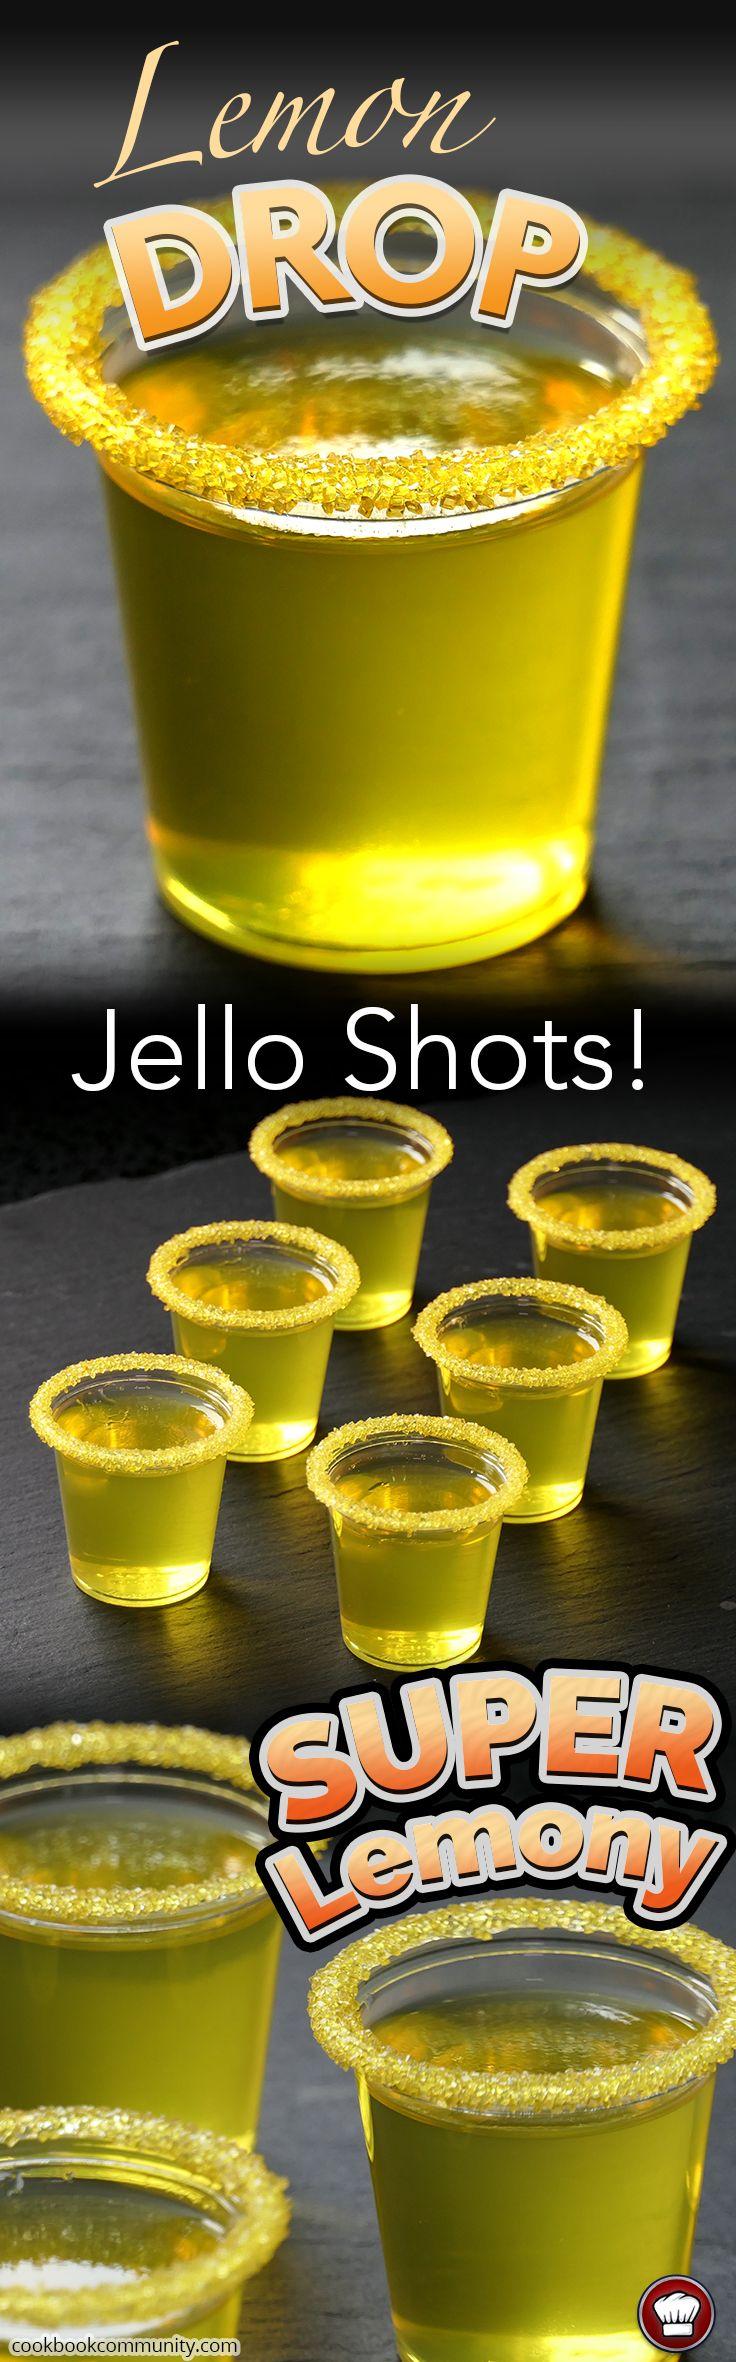 Love juice shots galore